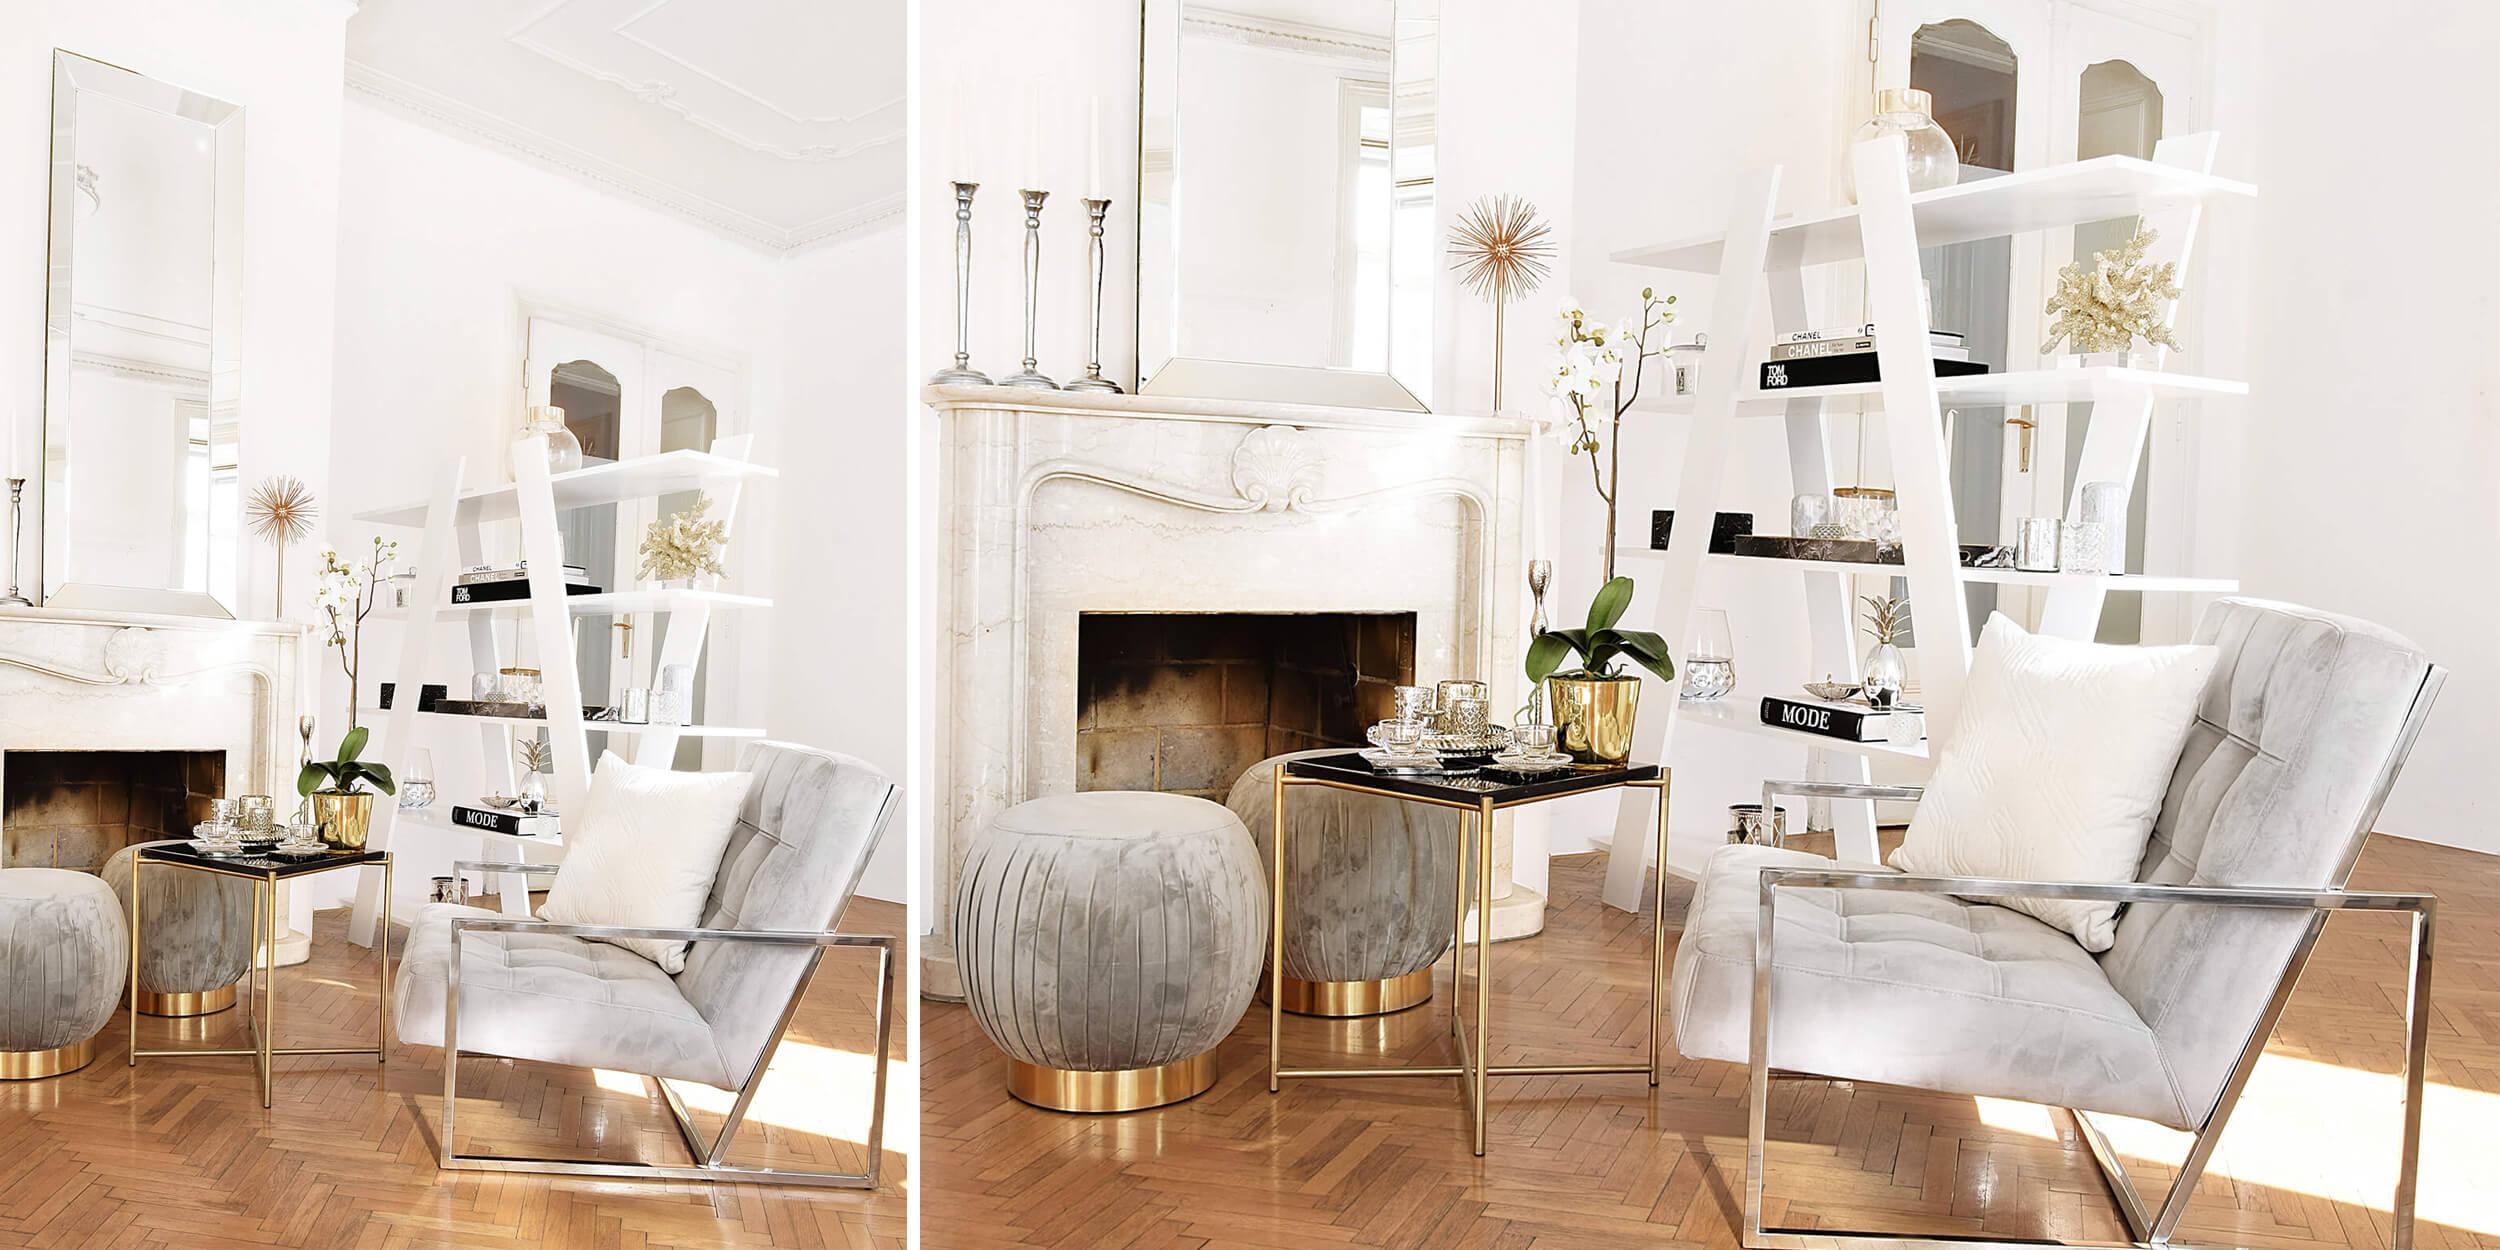 stylische Wohnzimmer Deko & ein trendiger Samtstuhl